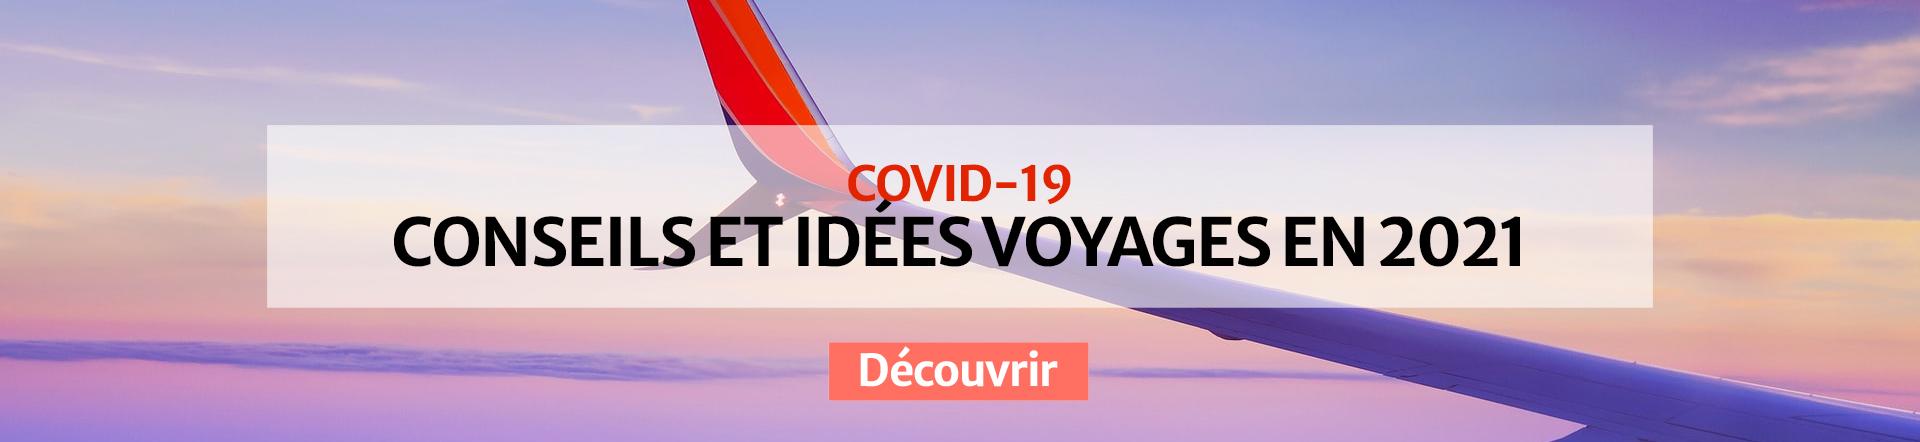 covid-19-voyages-ou-partir-en-2021